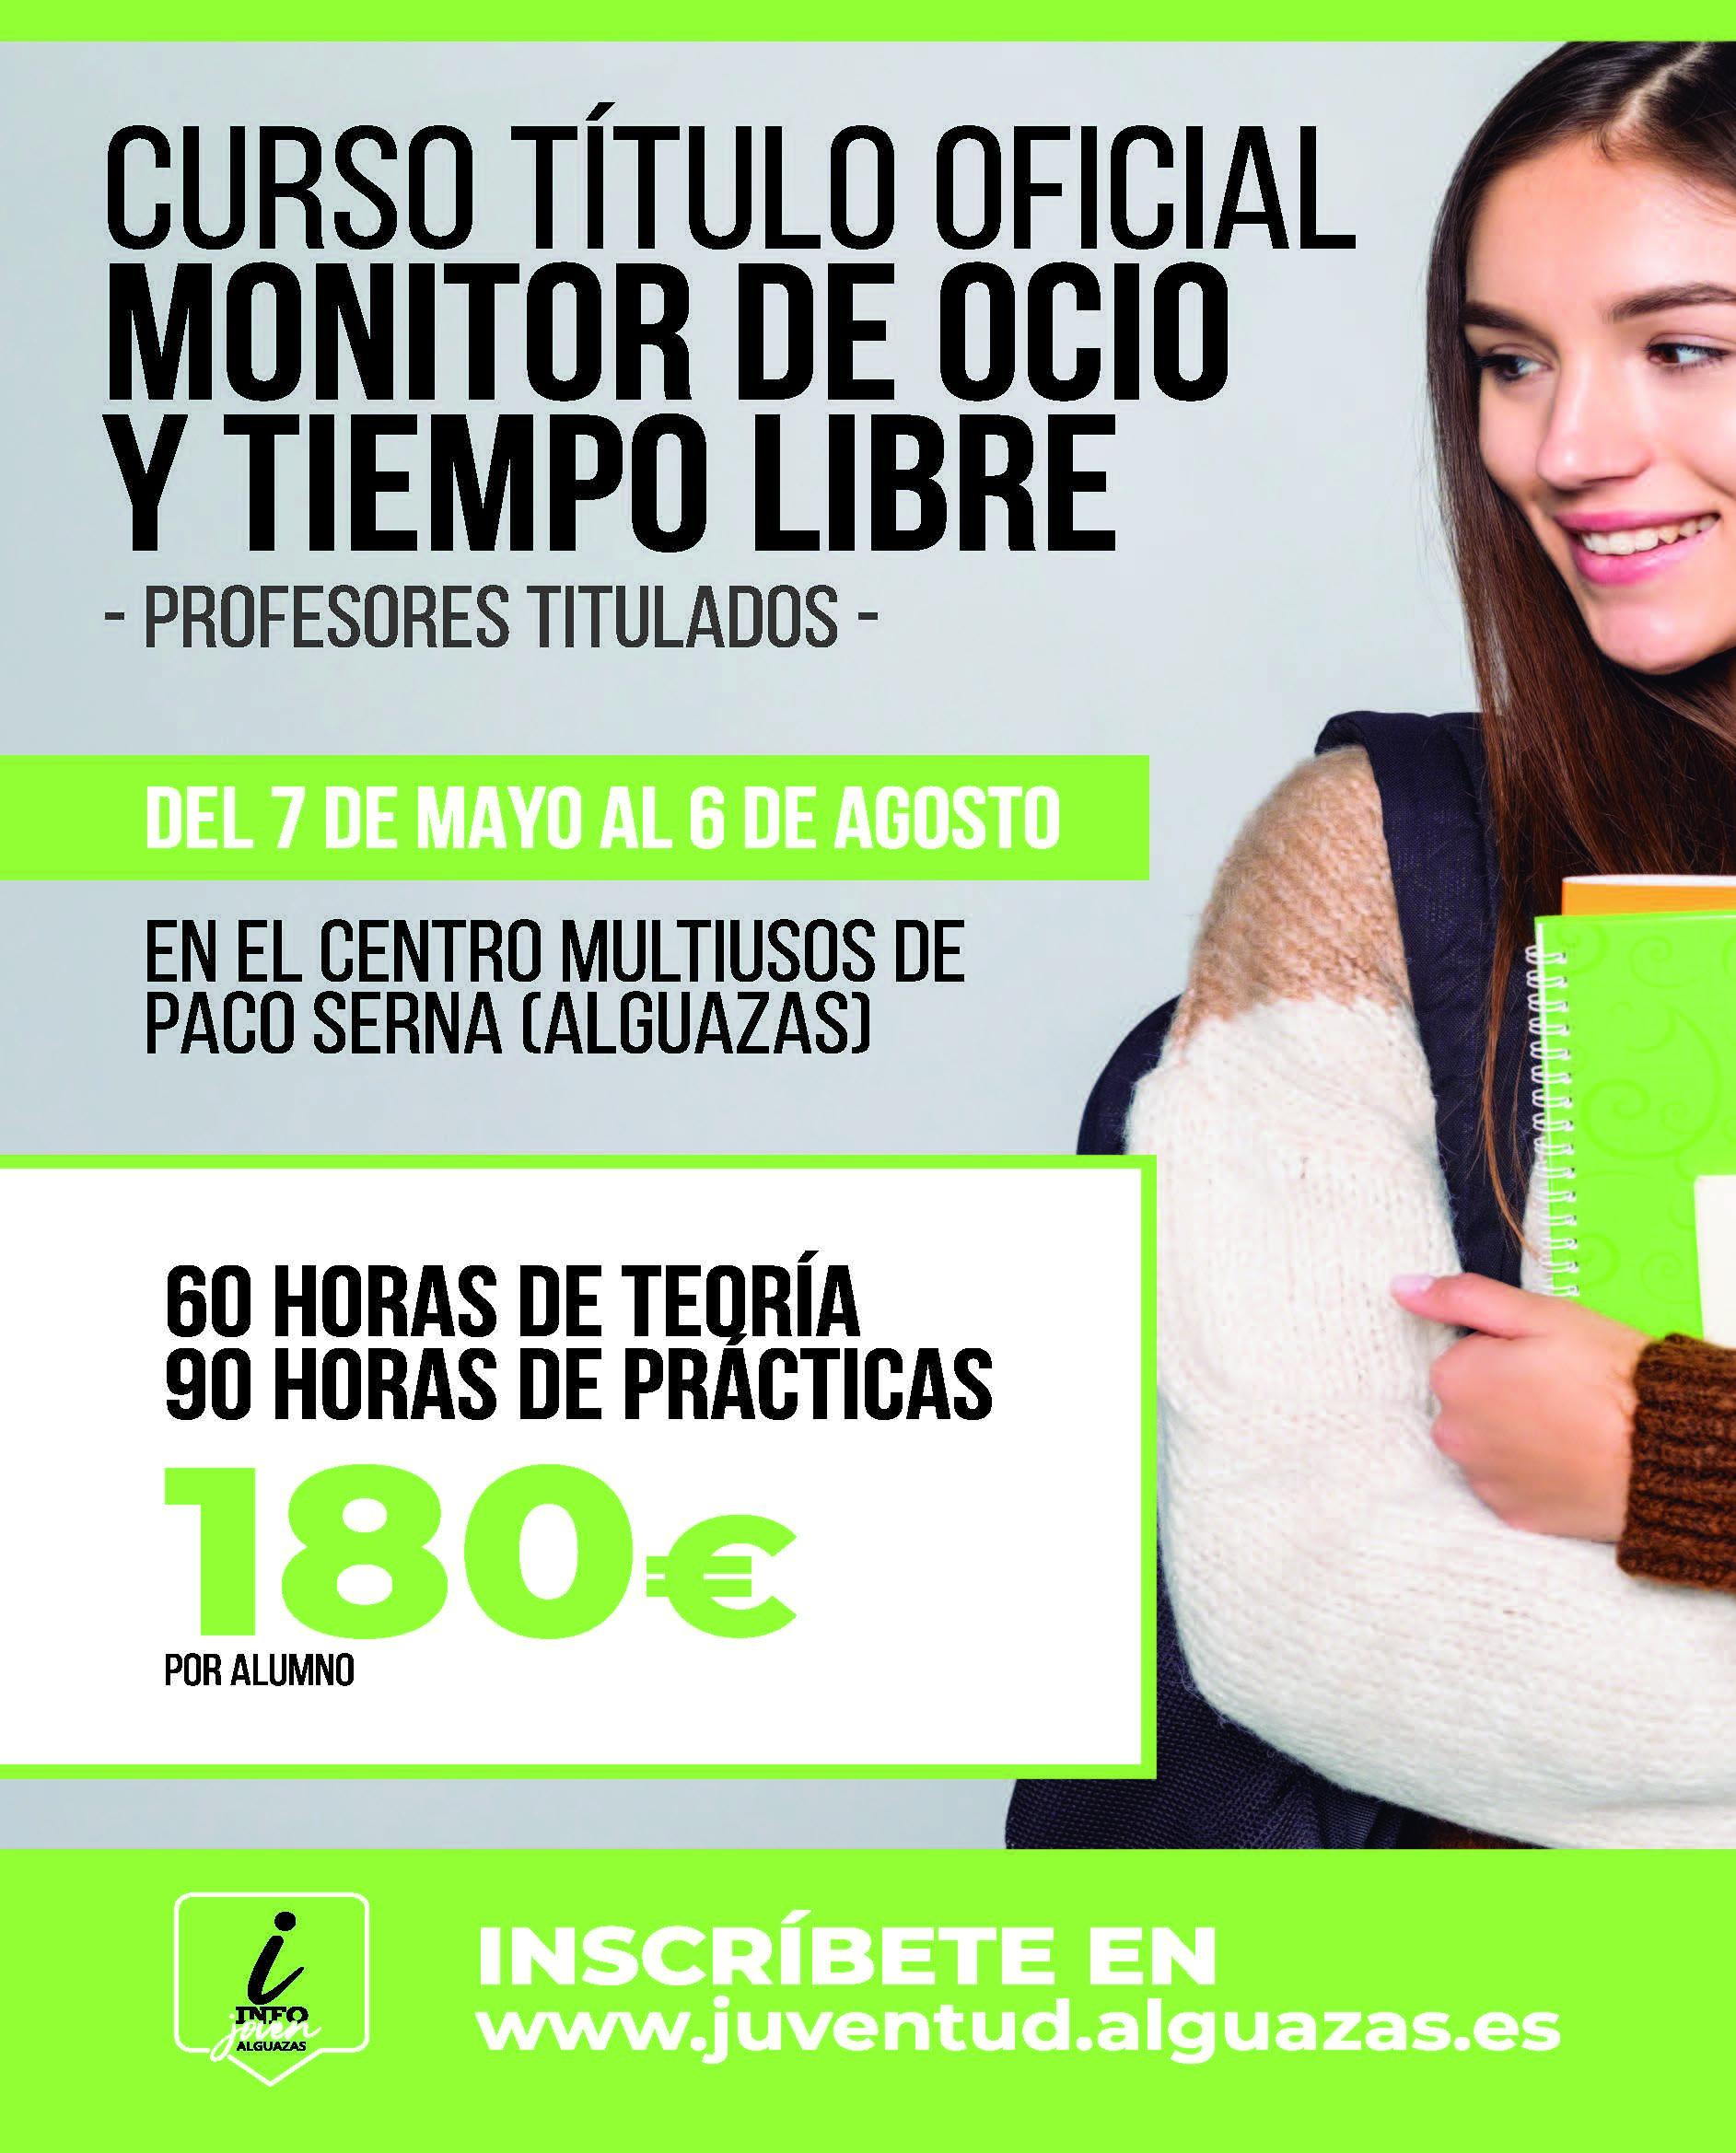 Curso de Monitor de Ocio y Tiempo Libre